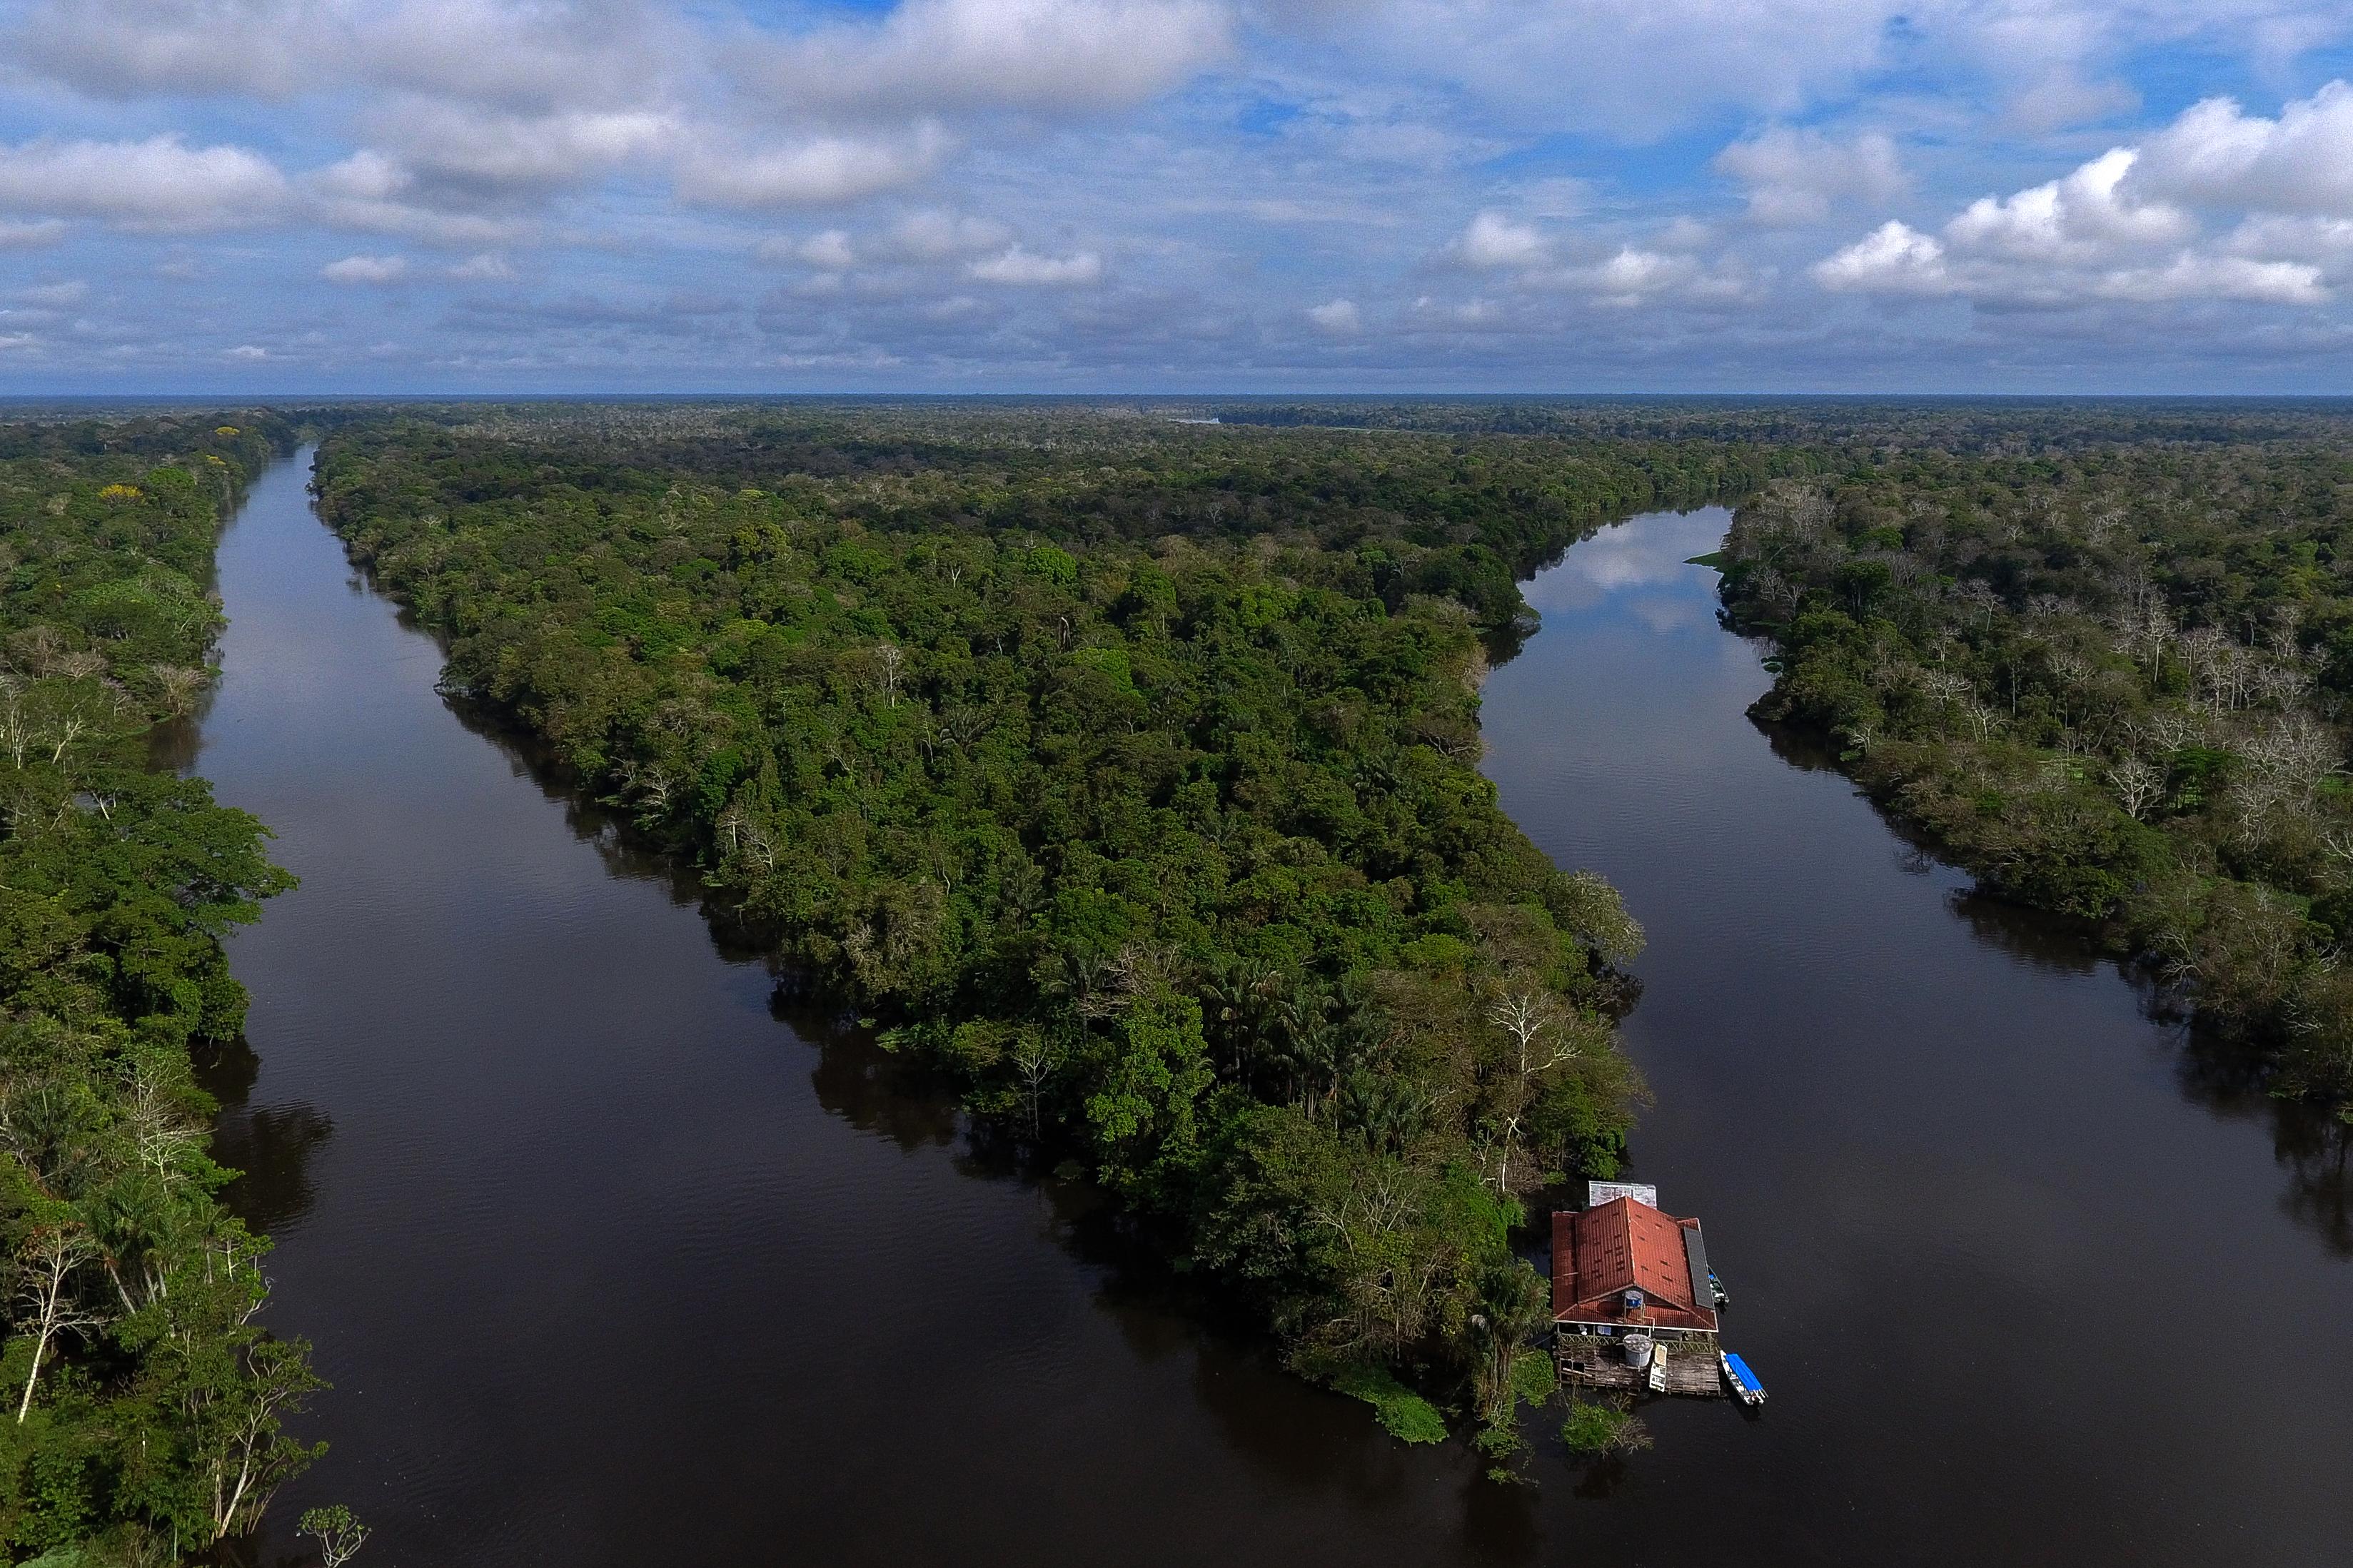 Olyan ütemben irtják az őserdőt Brazíliában, hogy az összeomlás lassan megállíthatatlan lesz